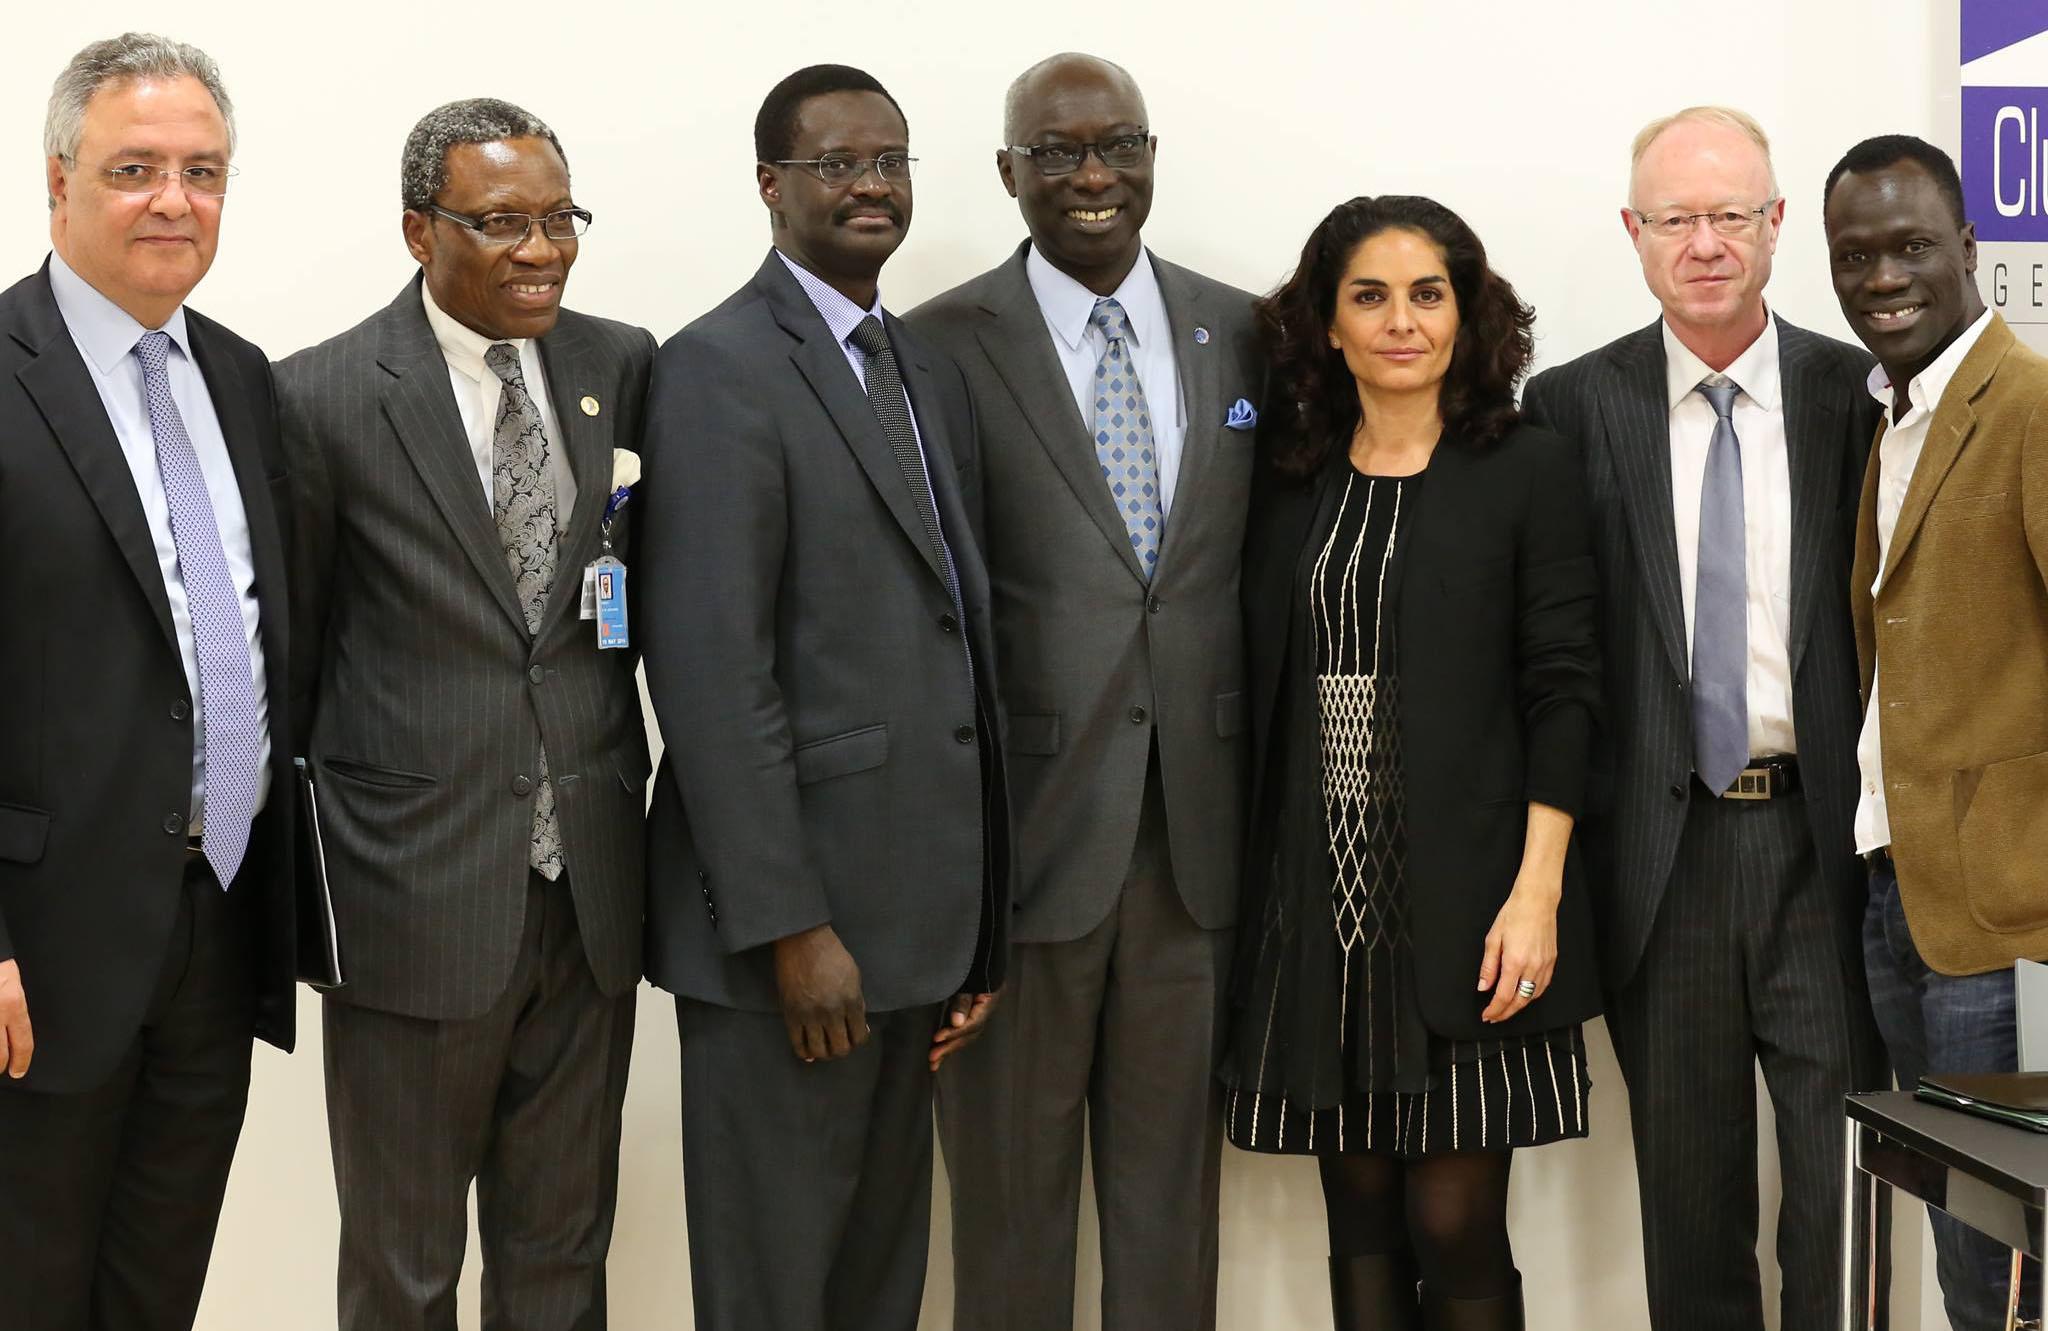 Les participants de la conférence sur les génocides et la violence de masse Photo: Nicole Matchoss